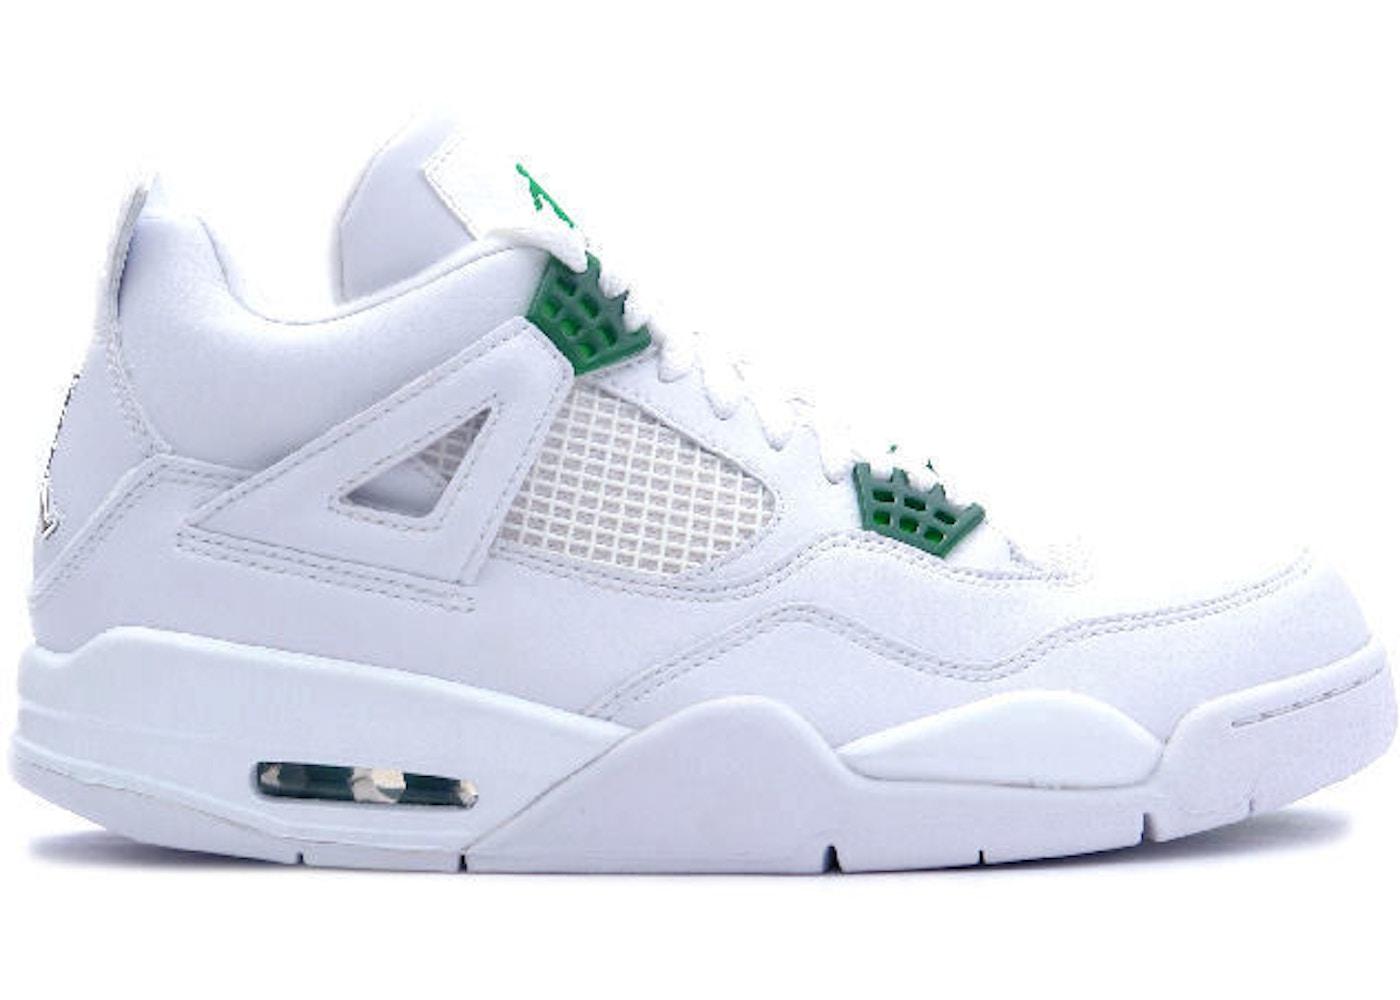 75c4d2f8fe7f50 Jordan 4 Retro Classic Green - 308497-101